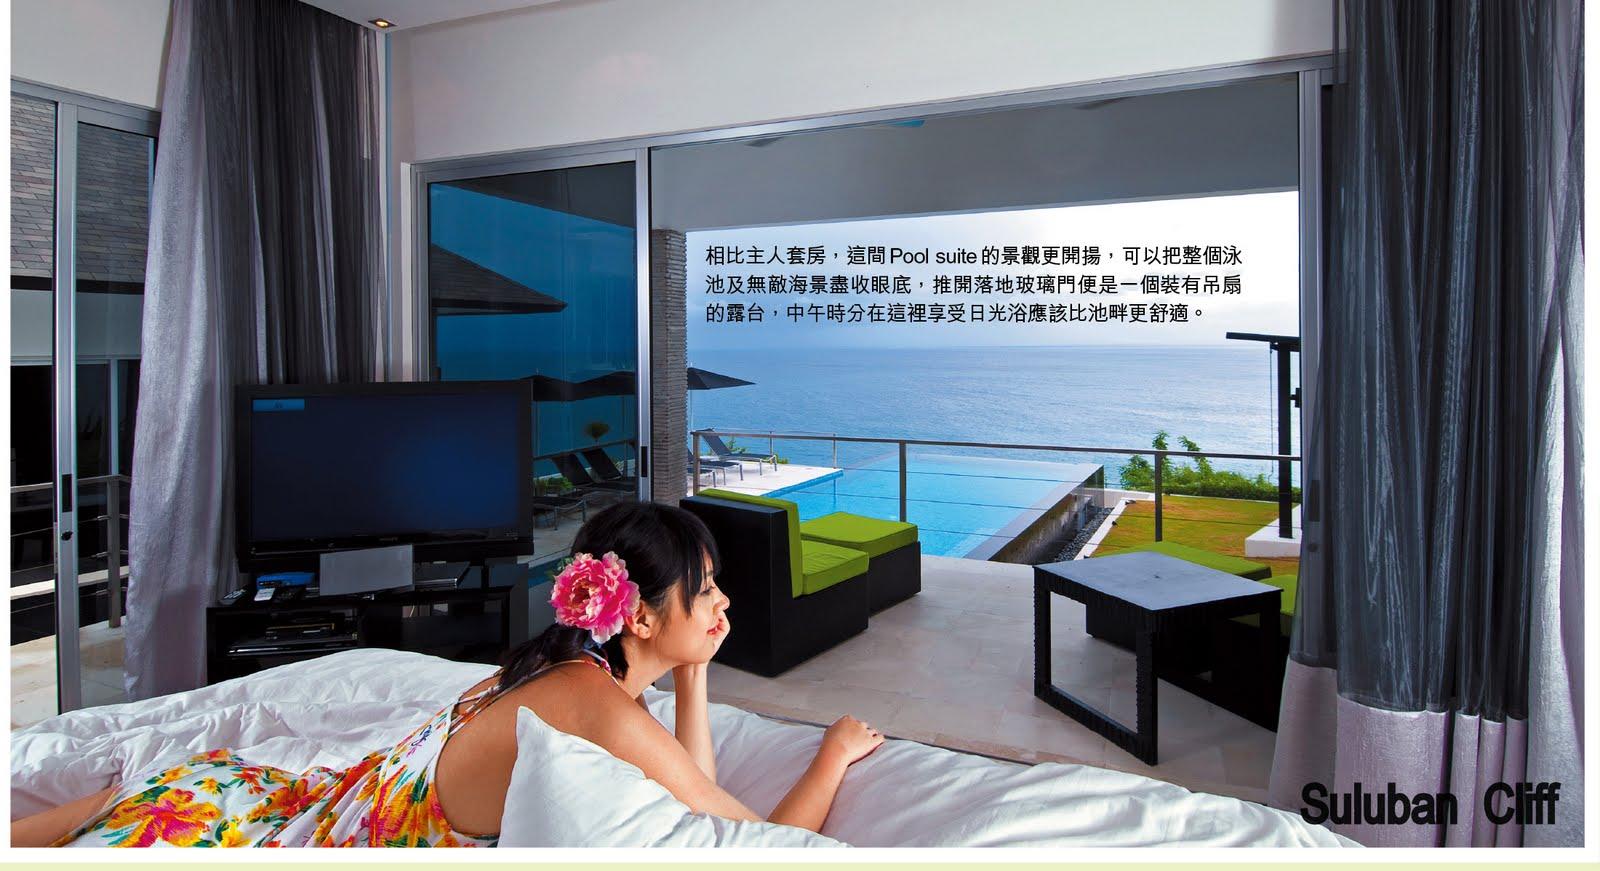 巴厘岛海景度假屋。